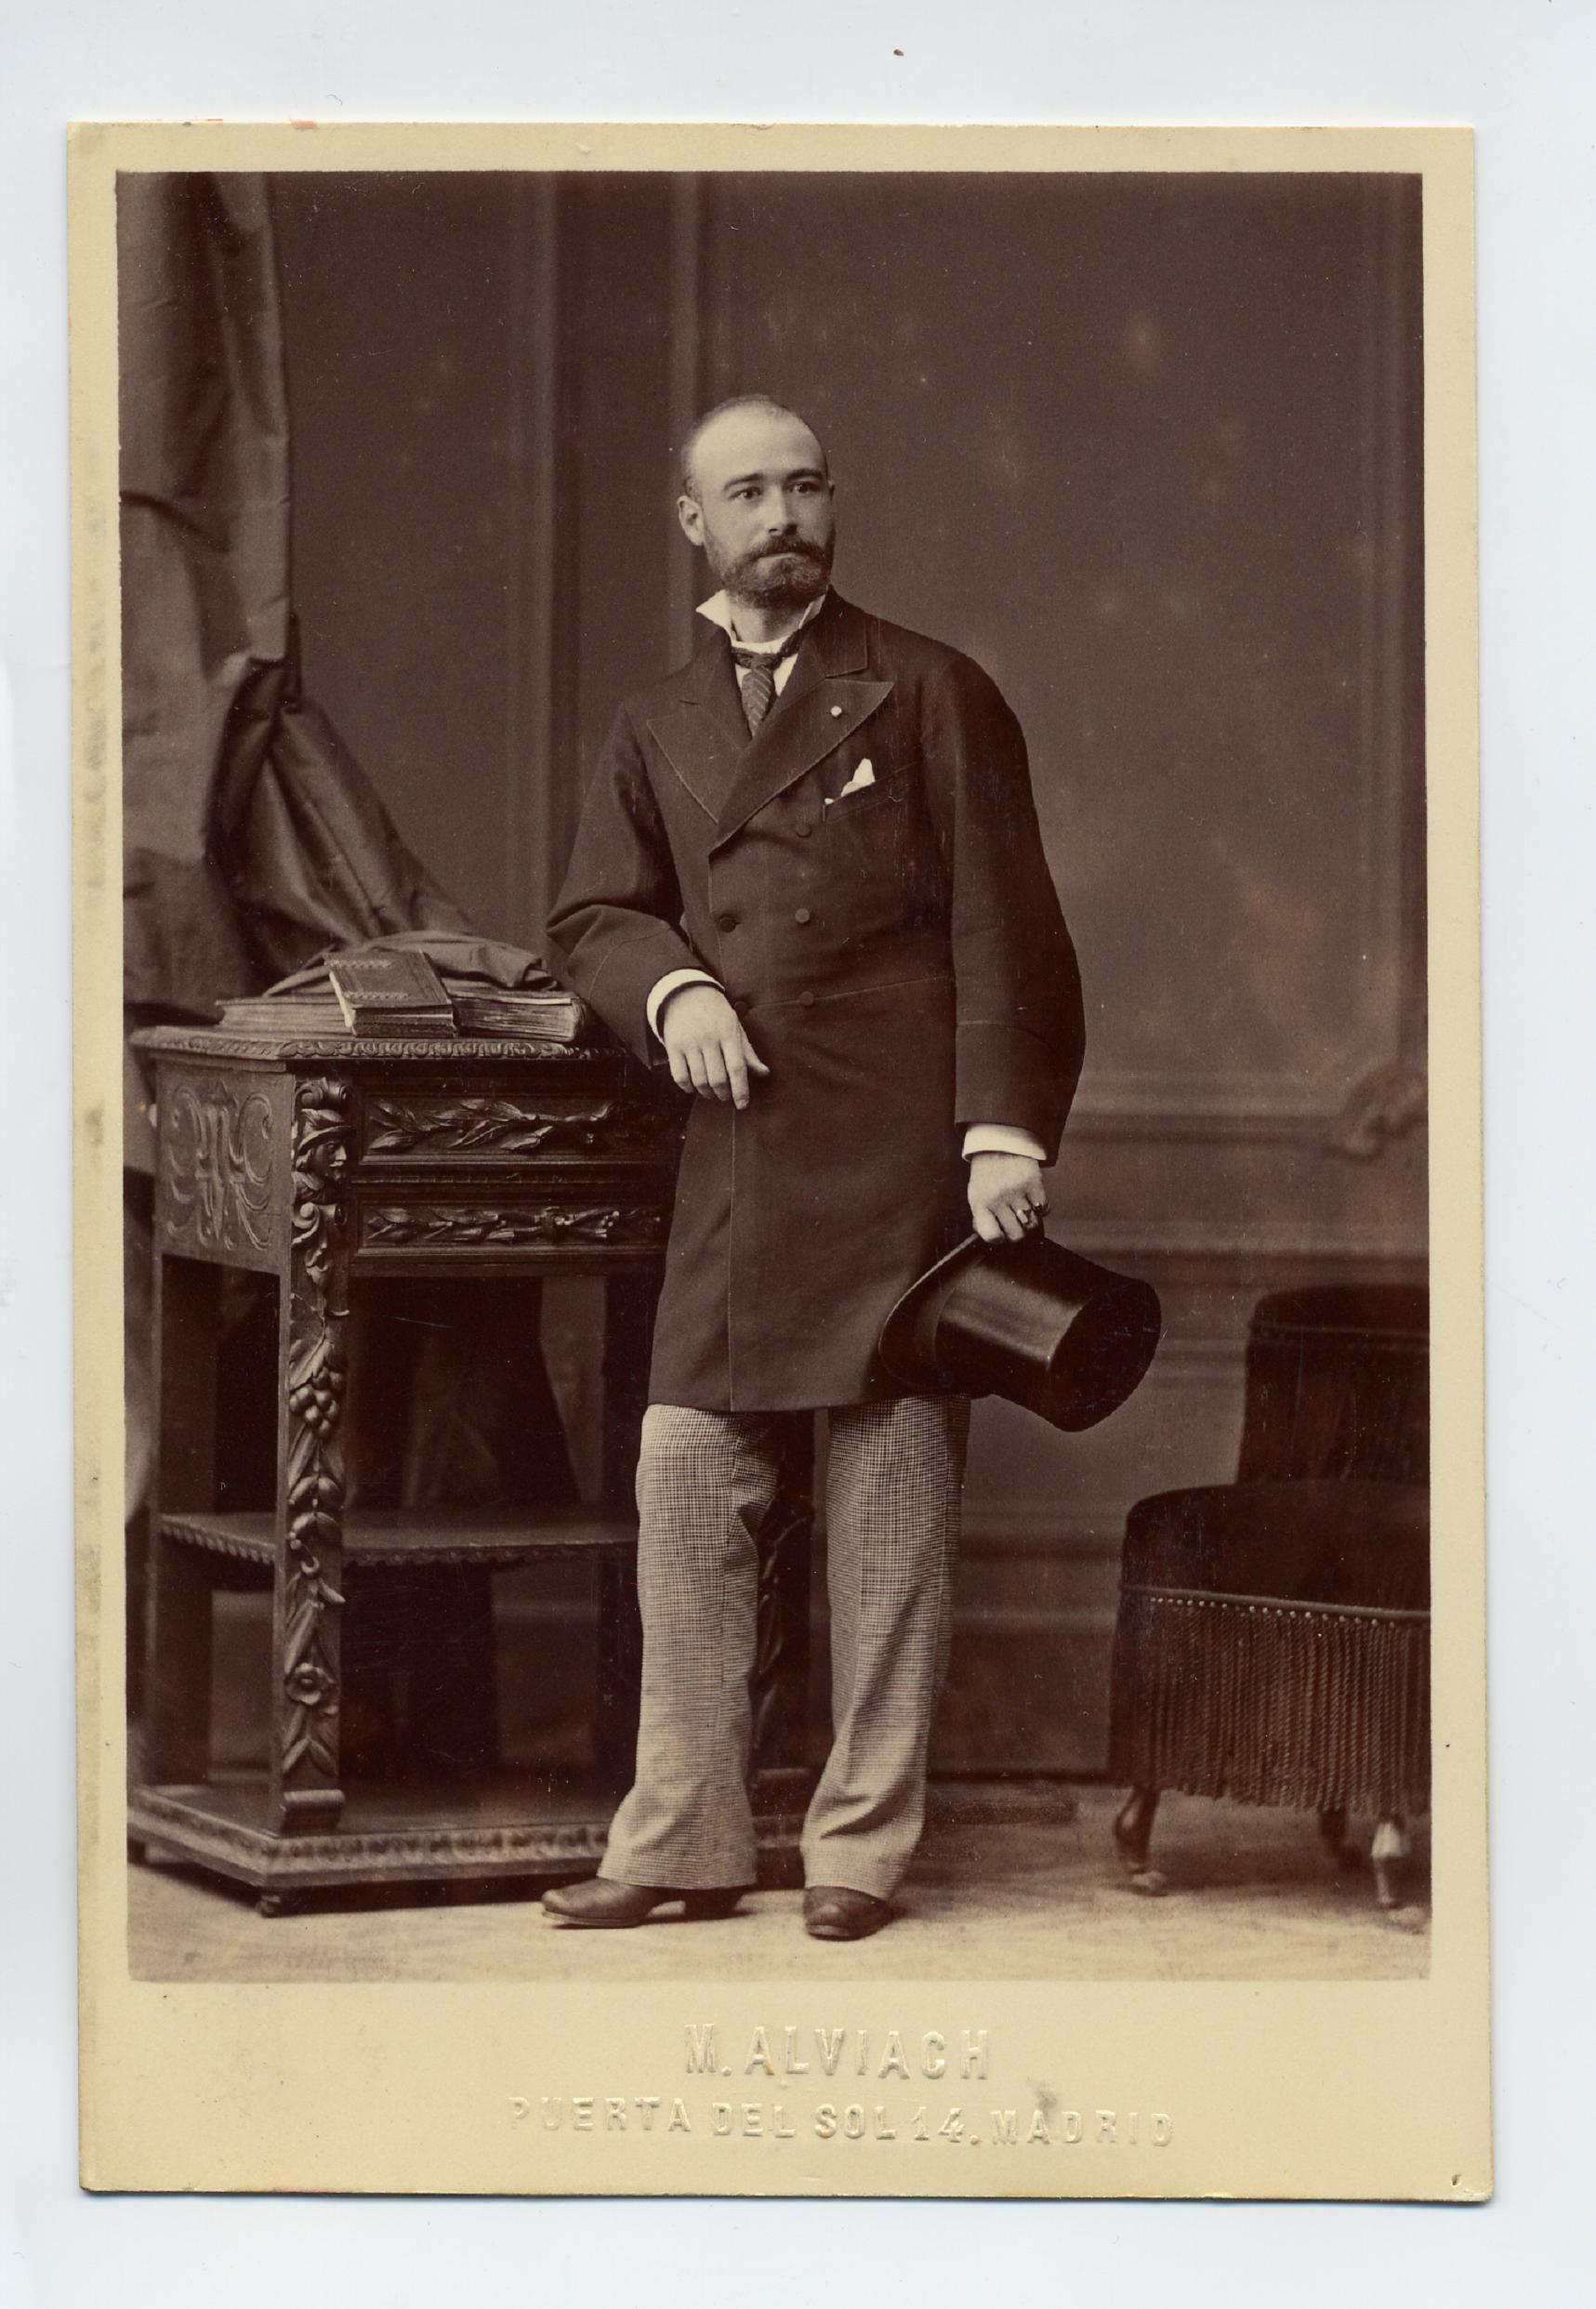 Alviach, M.: retrato de caballero, formato cabinet 1878.  Hesperus´ Collection